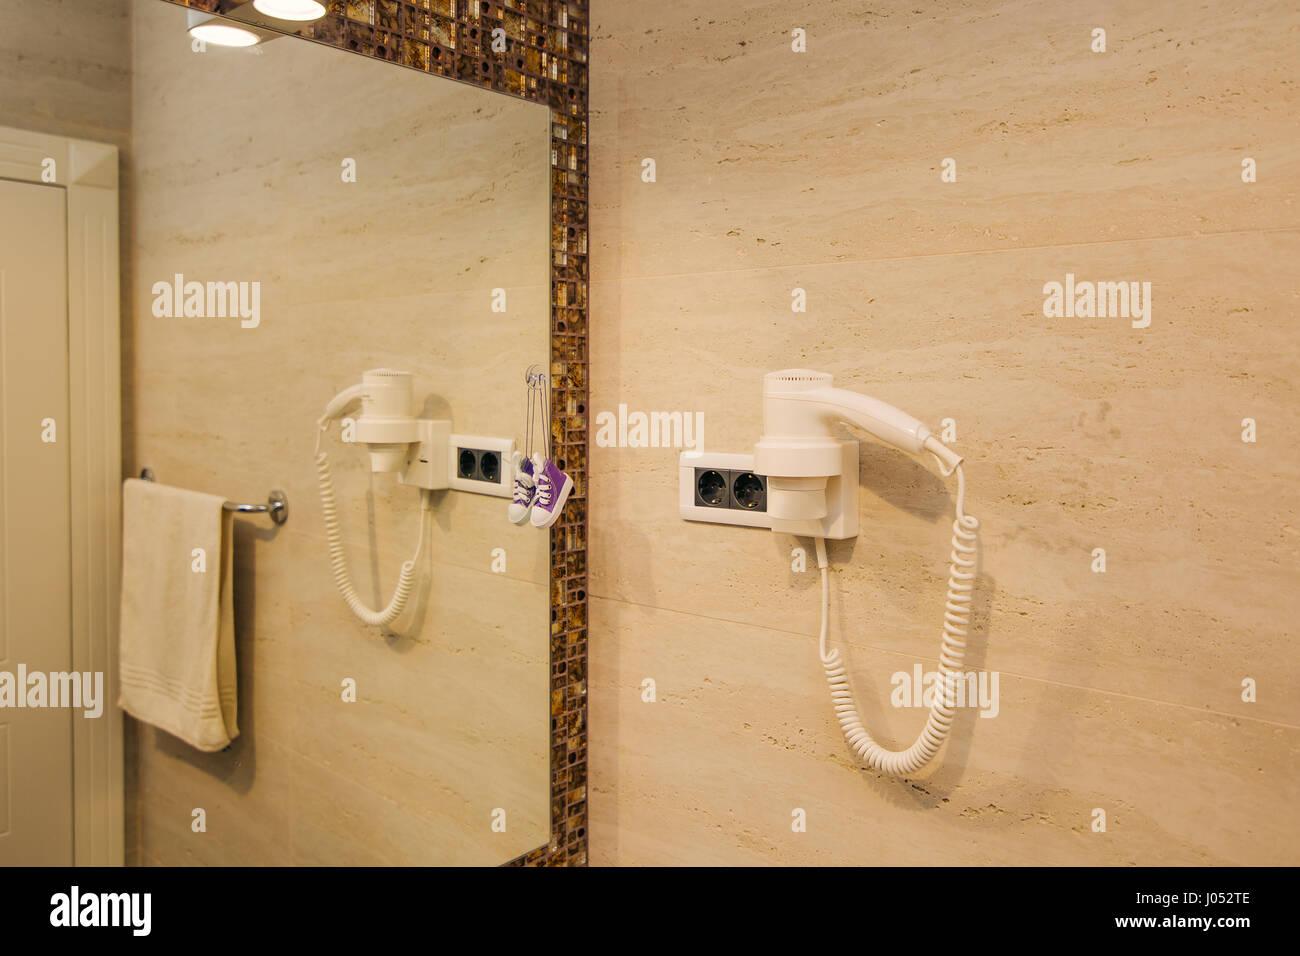 Stanze Da Bagno Piccole : Asciugacapelli in bagno. linterno della stanza da bagno dellhotel